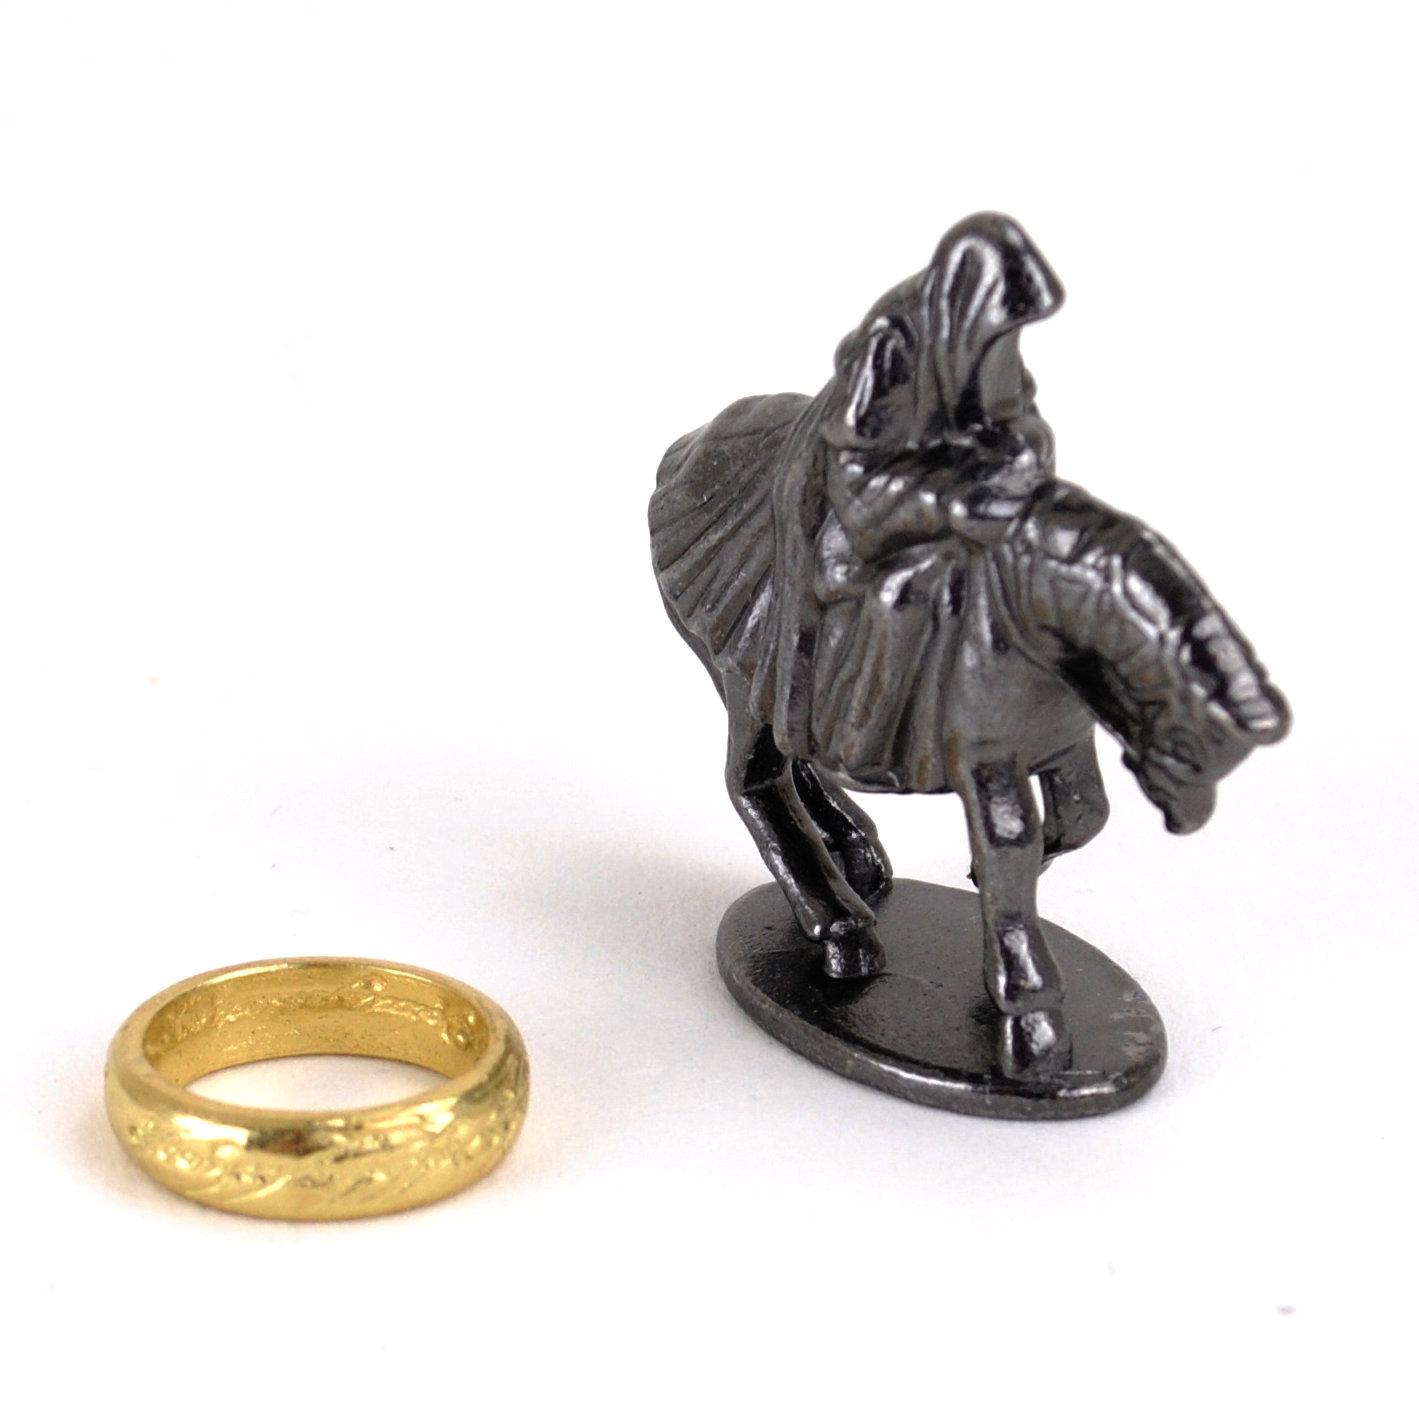 Figur Ring und Ringgeist für Trivial Pursuit Herr der Ringe Collector's Edition